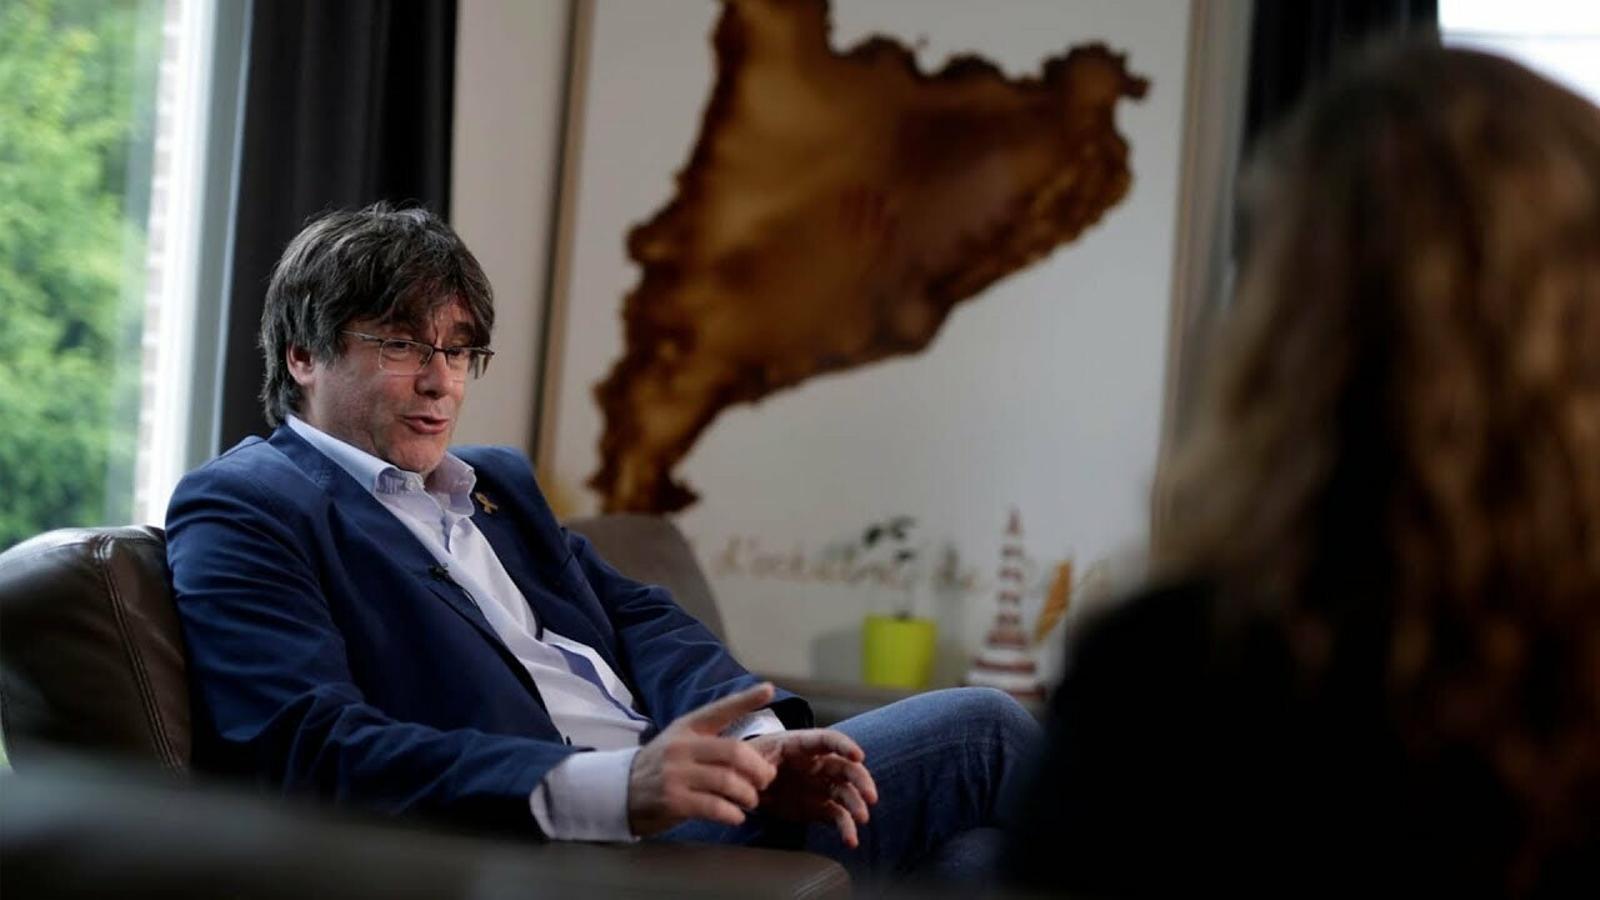 """Carles Puigdemont: """"La pregunta l'hem de fer a l'estat espanyol. Pensen respectar les regles del joc?"""""""